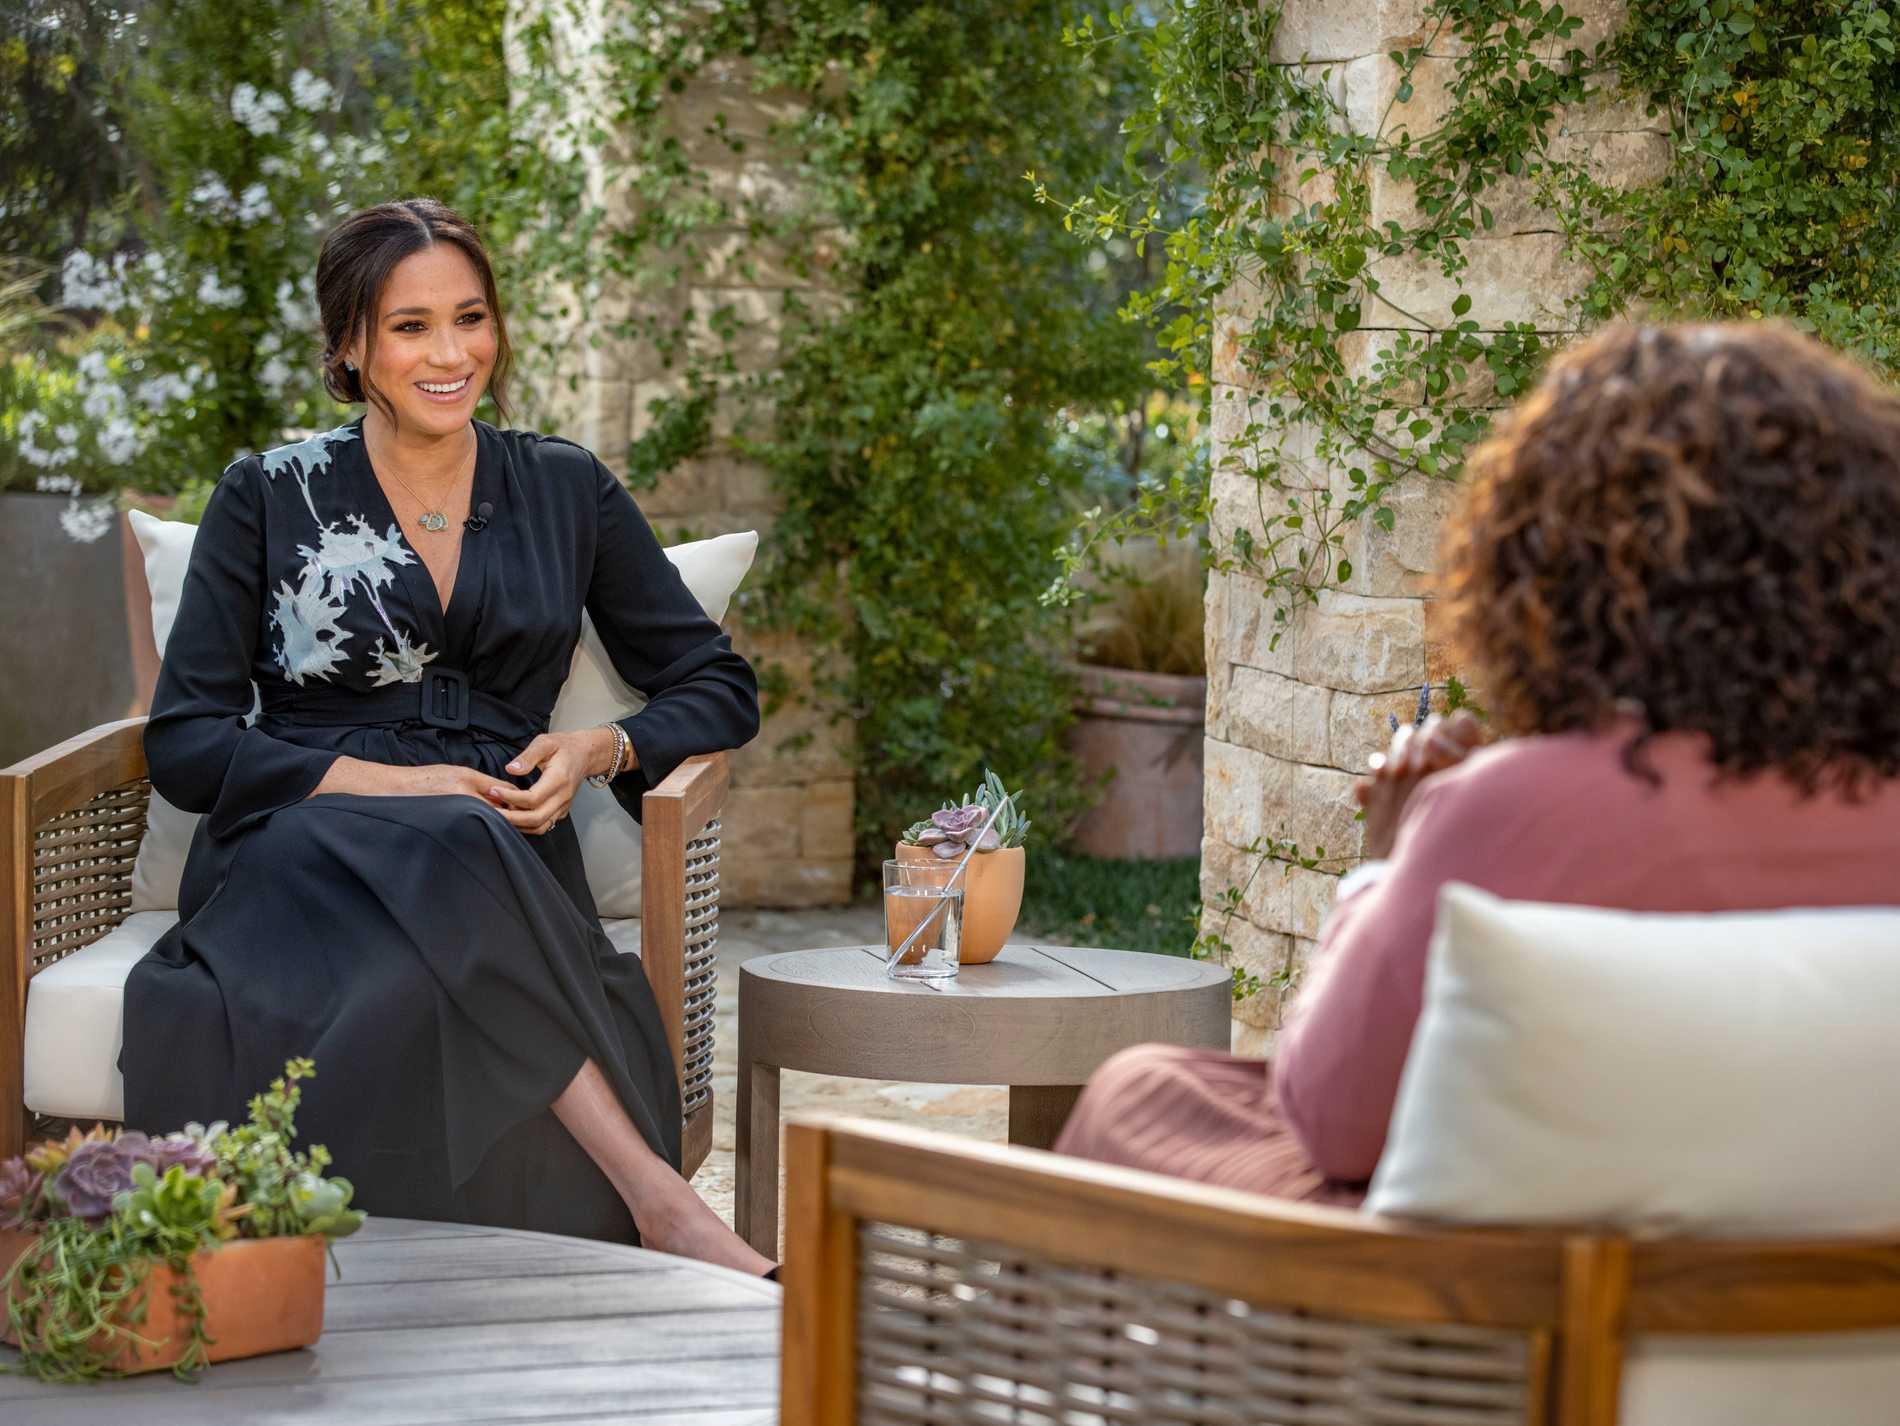 Meghan Markle intervjuades av Oprah Winfrey.